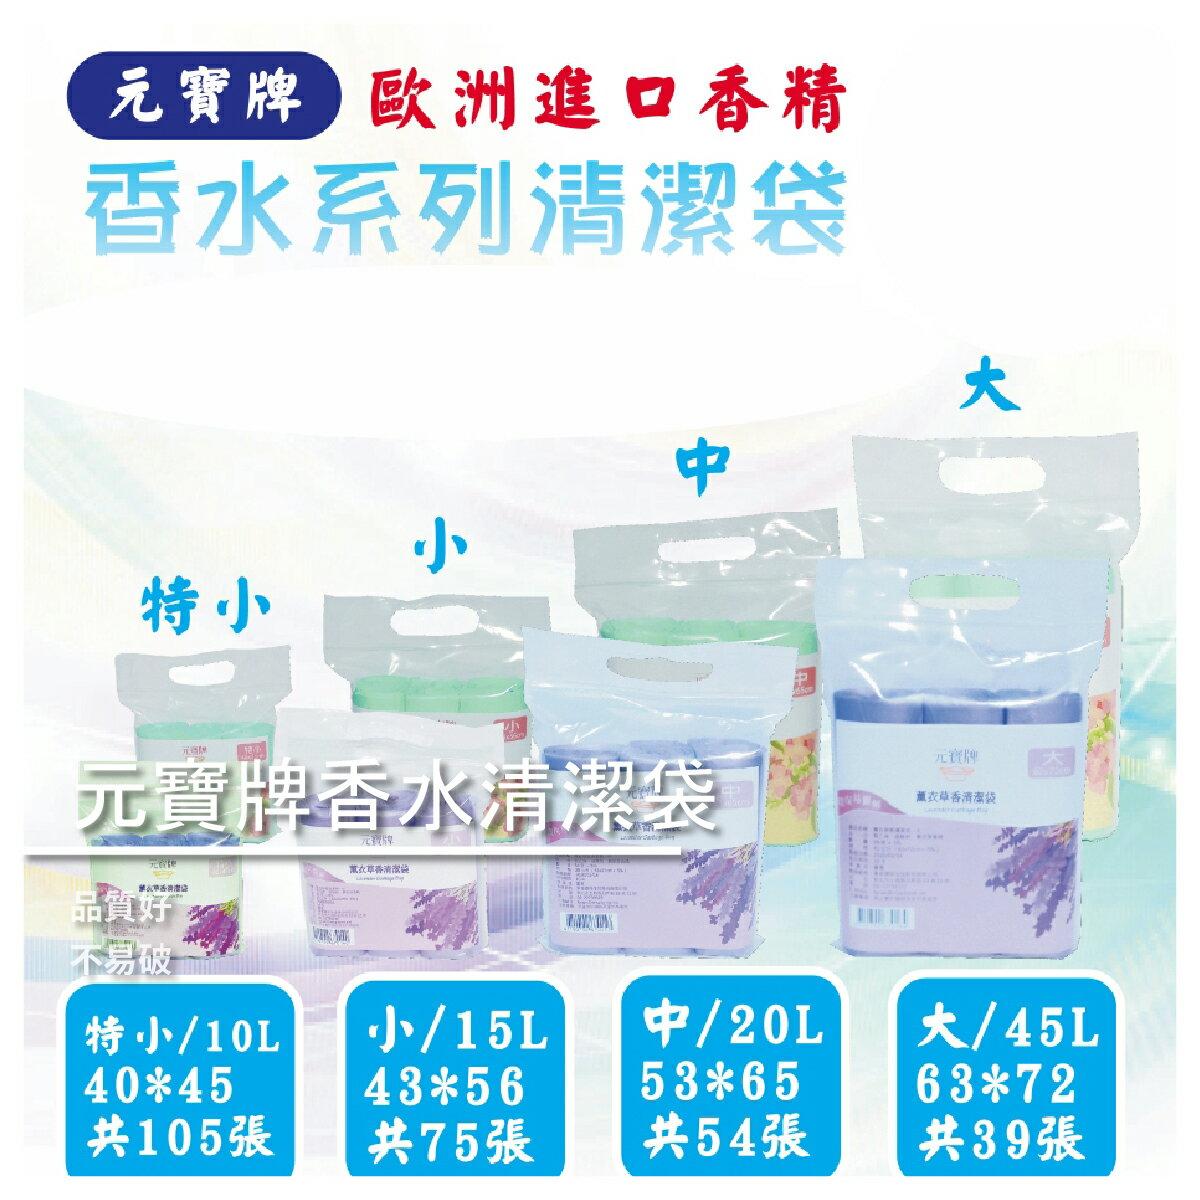 【牙牙】元寶牌香水清潔袋垃圾袋(大、中、小、特小)/5種香味色系任選